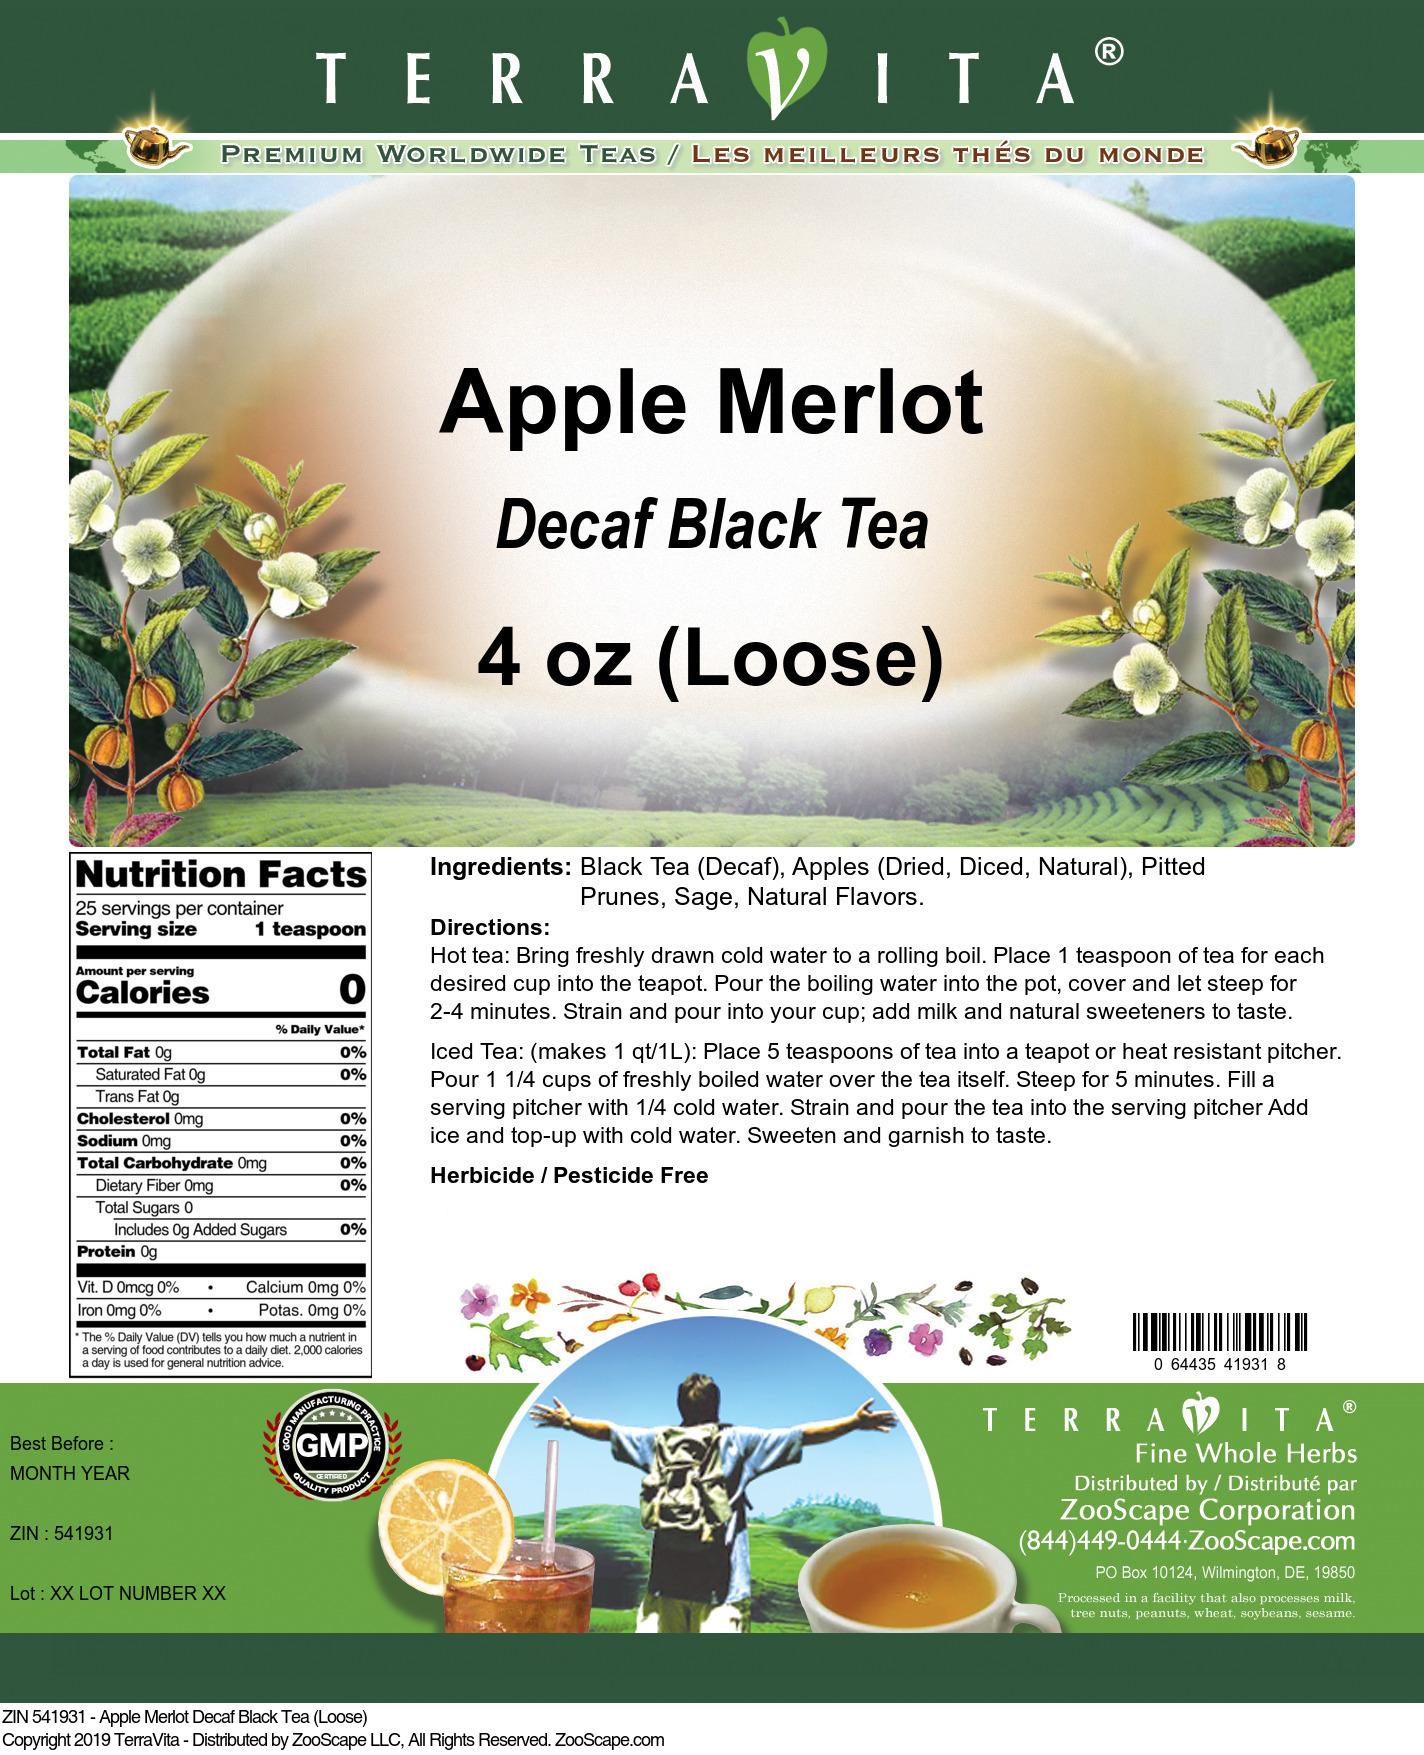 Apple Merlot Decaf Black Tea